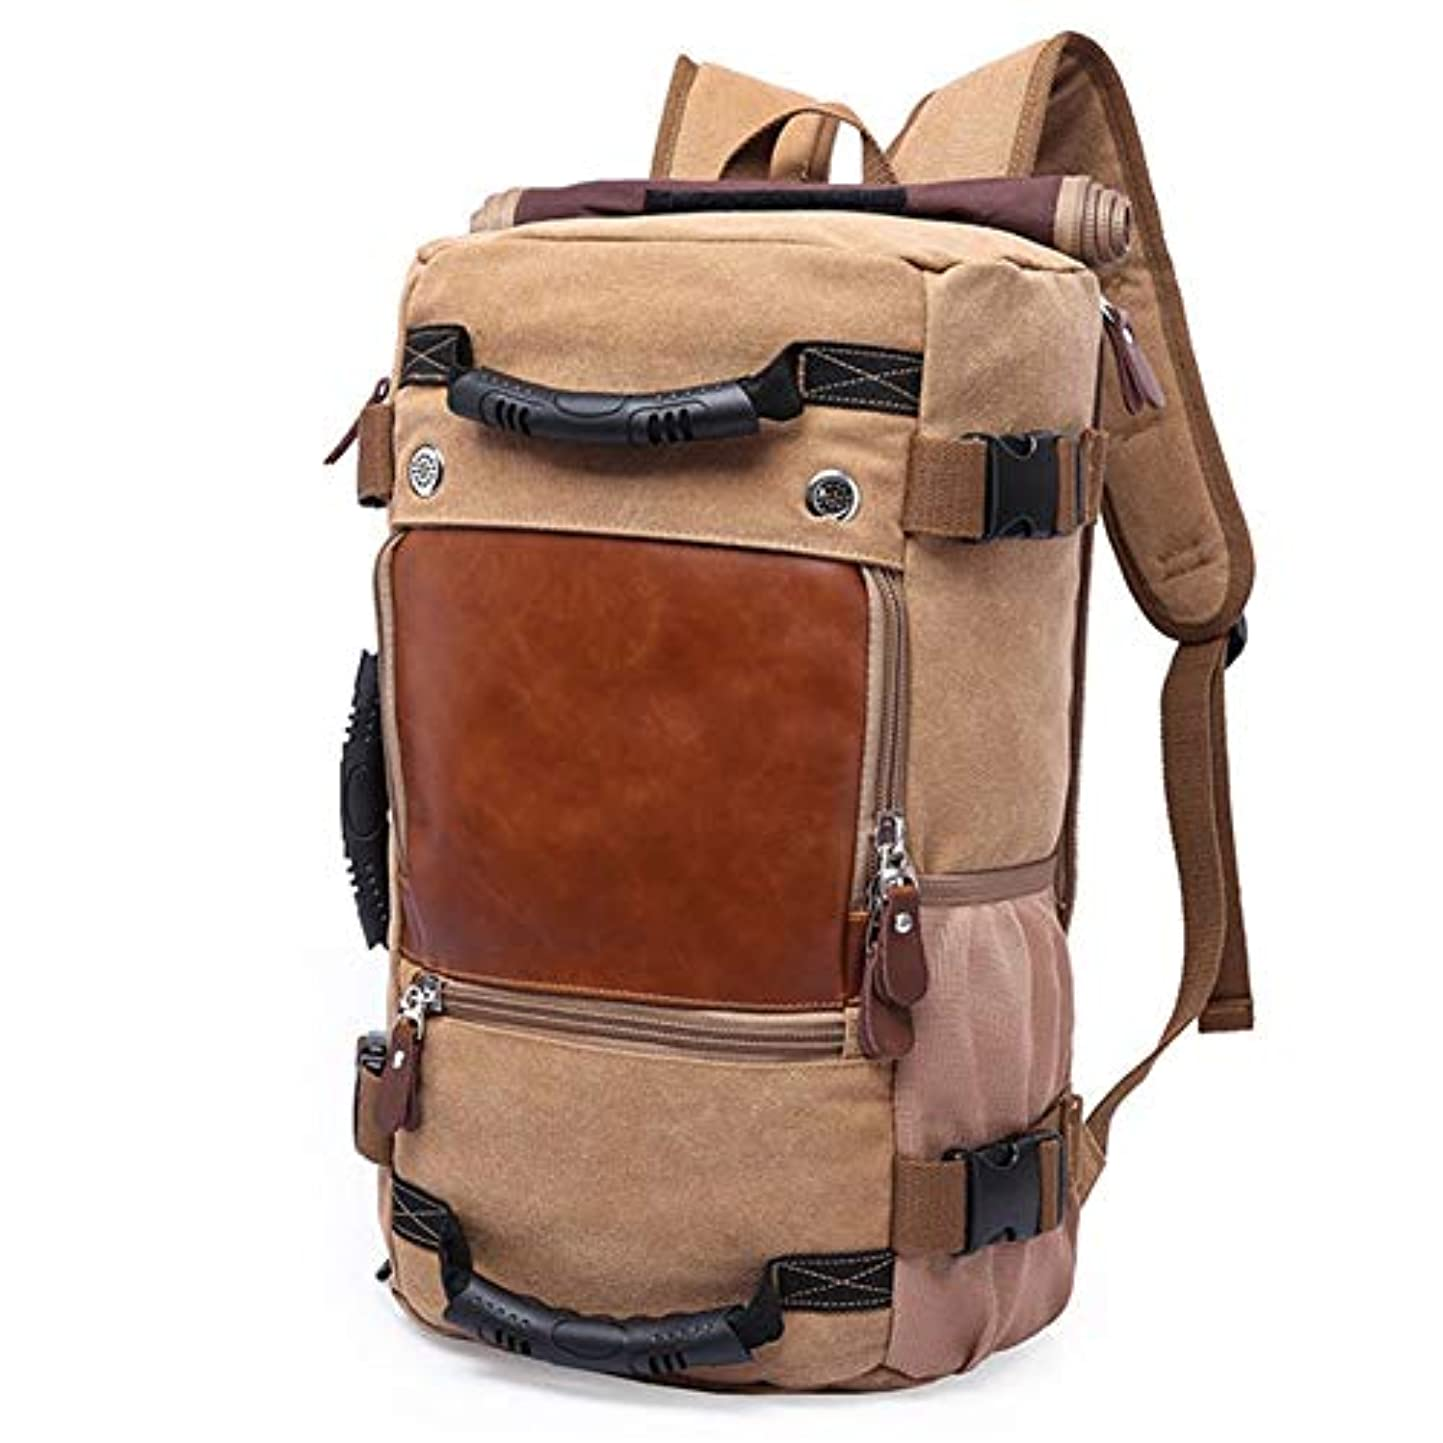 破産項目マダムDishyKooker パック スポーツリュック トラベル メンズビンテージキャンバスバック サックサッチェルスクールハイキングバッグ